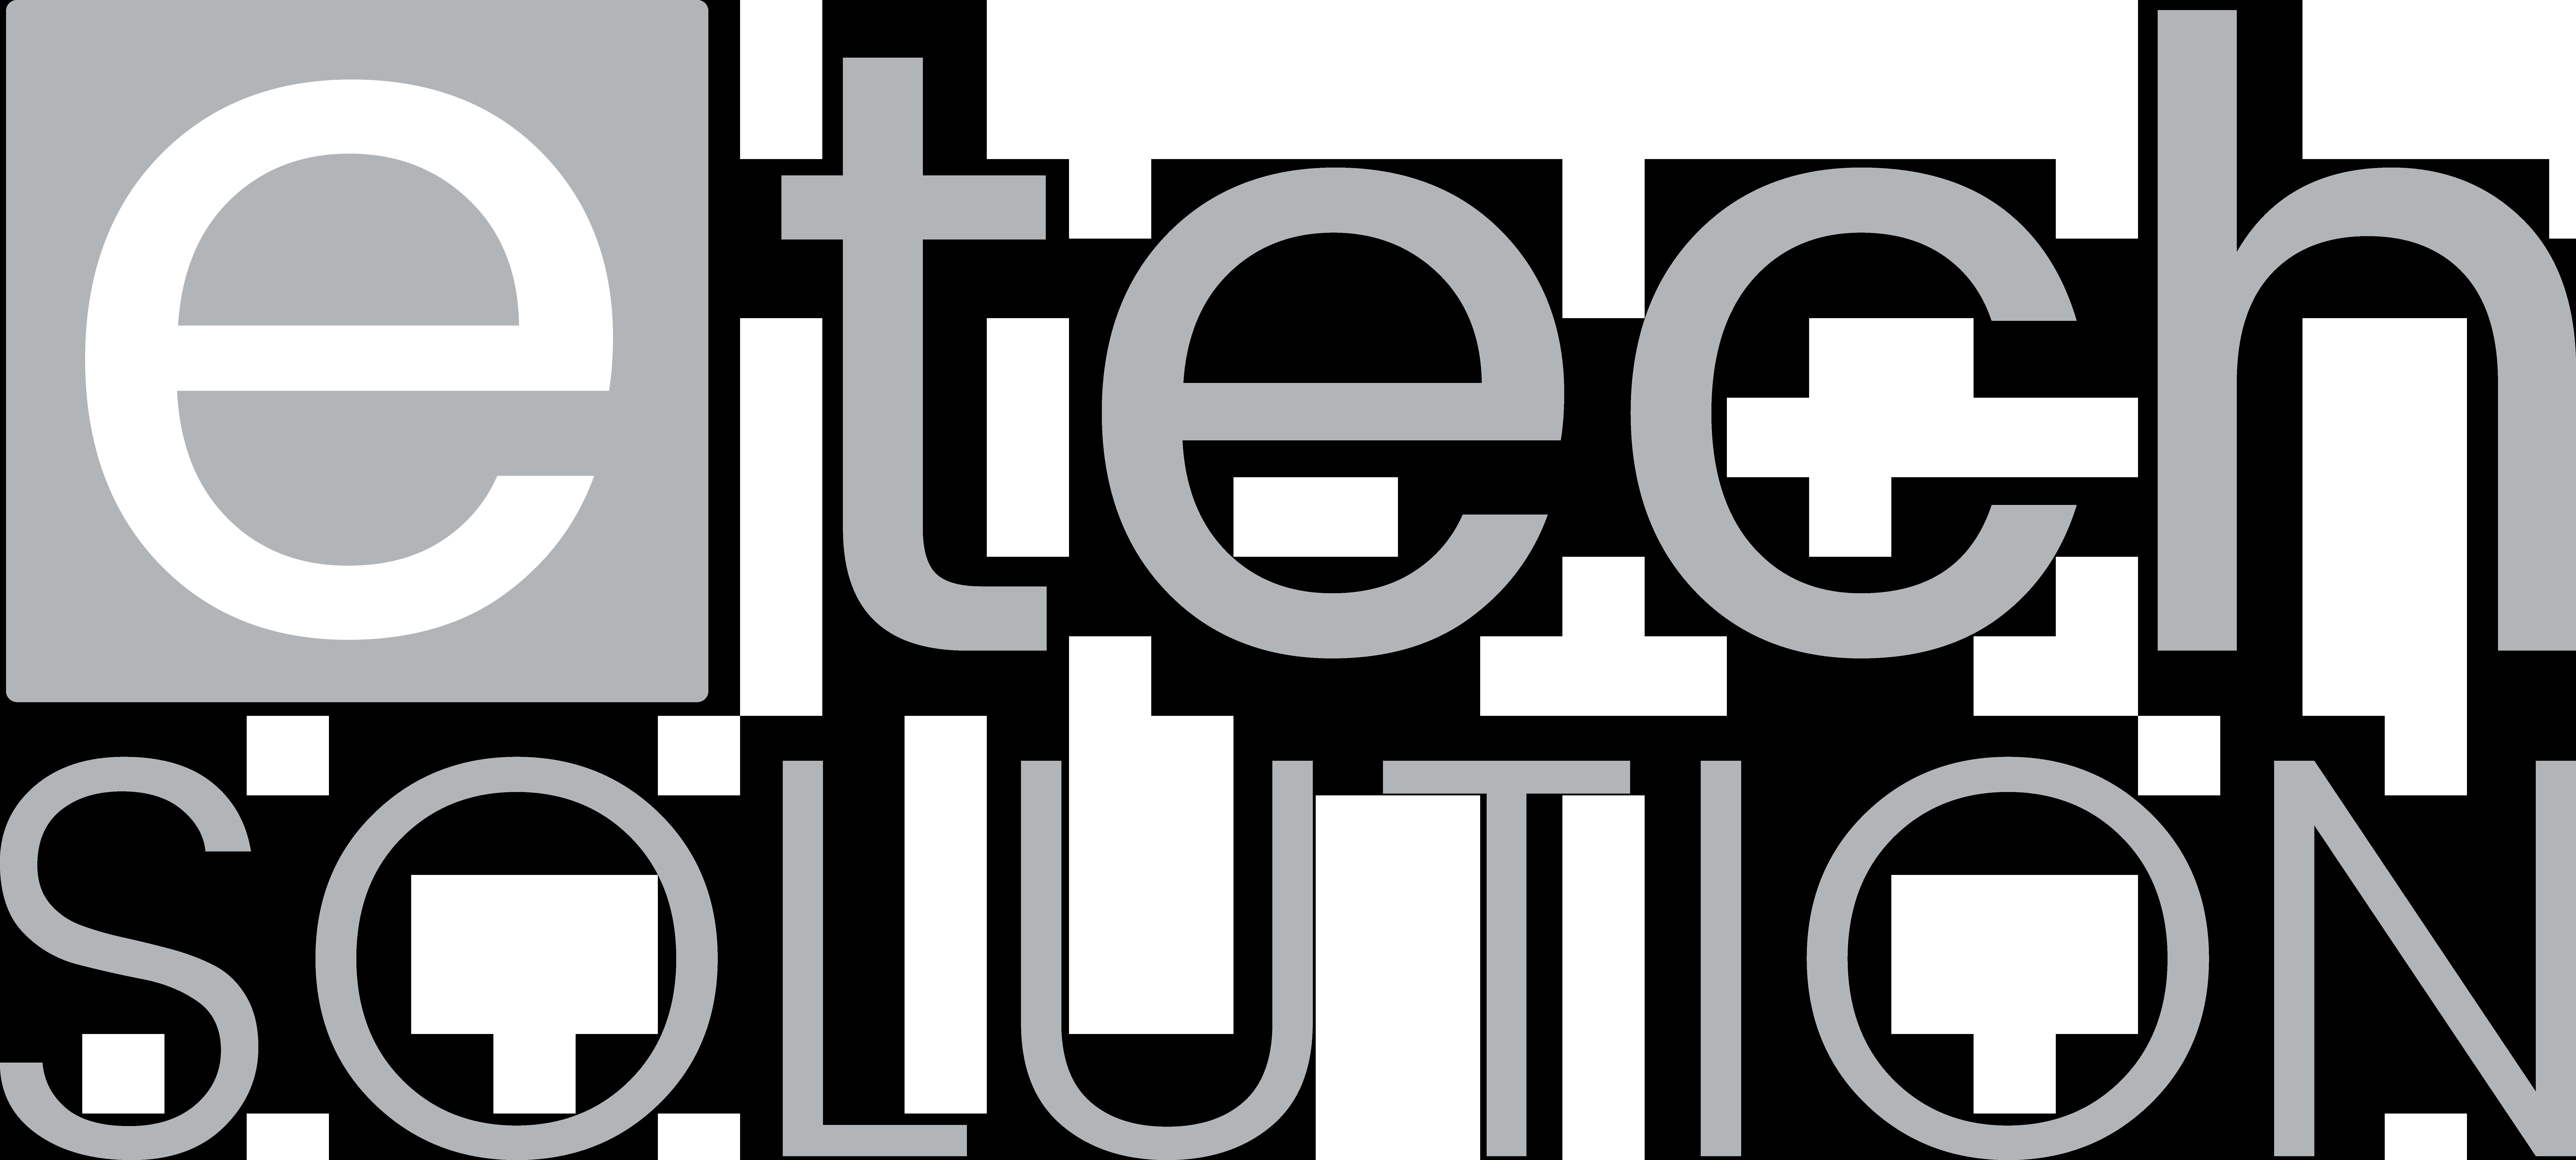 Etechsolution_logo